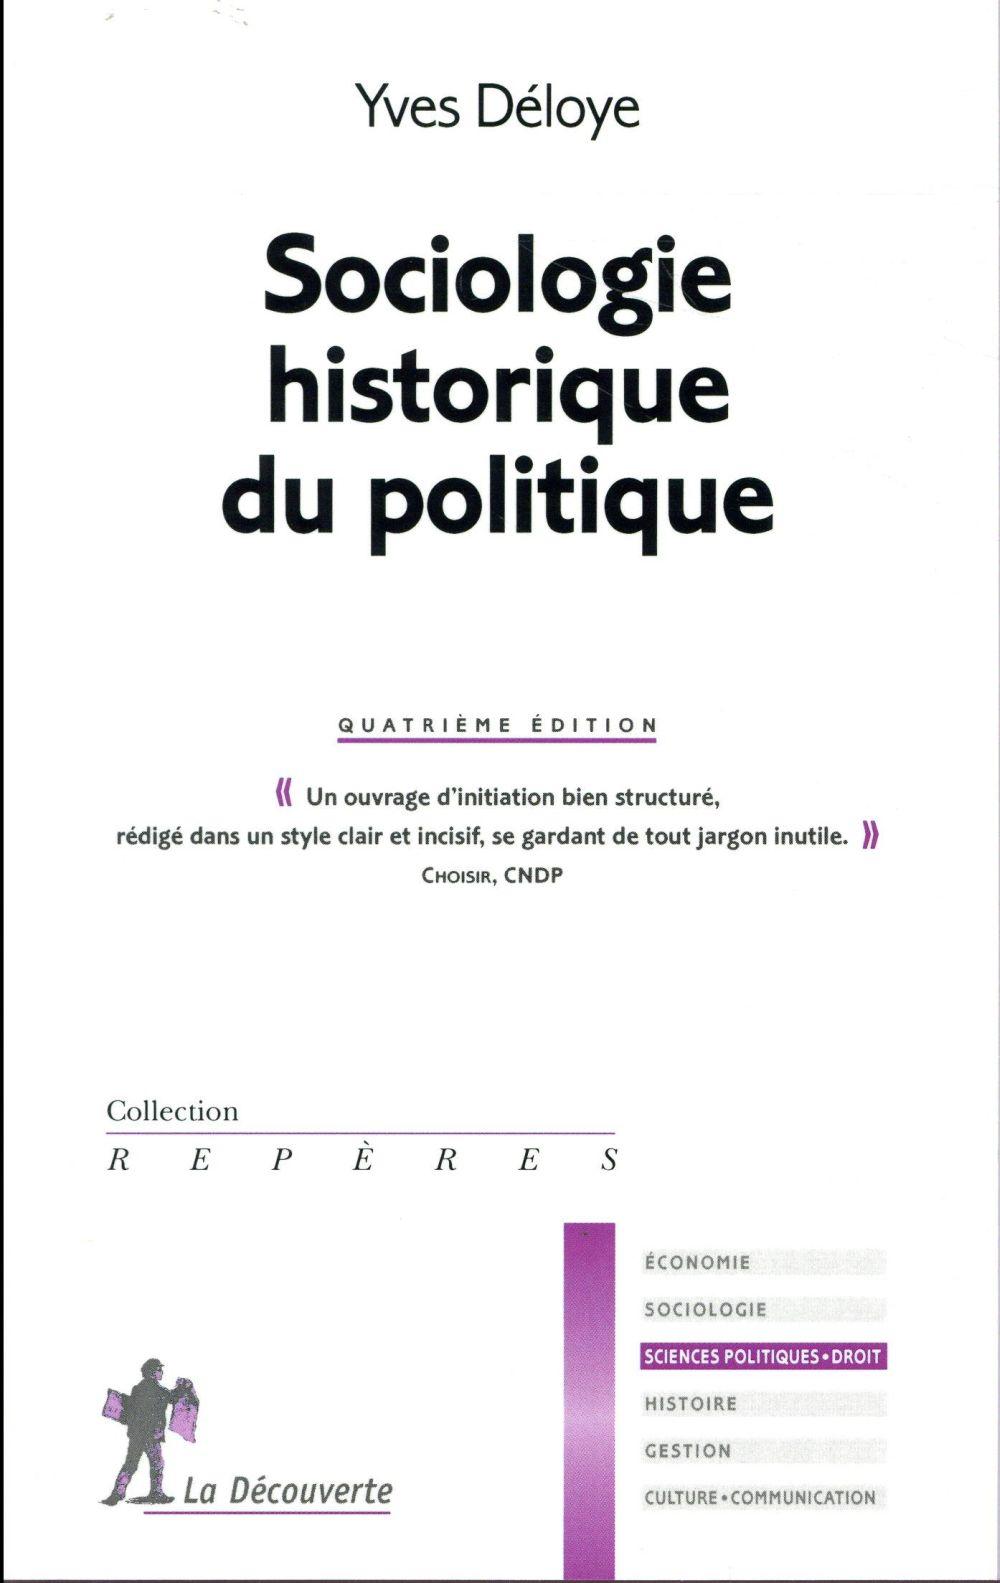 SOCIOLOGIE HISTORIQUE DU POLIT